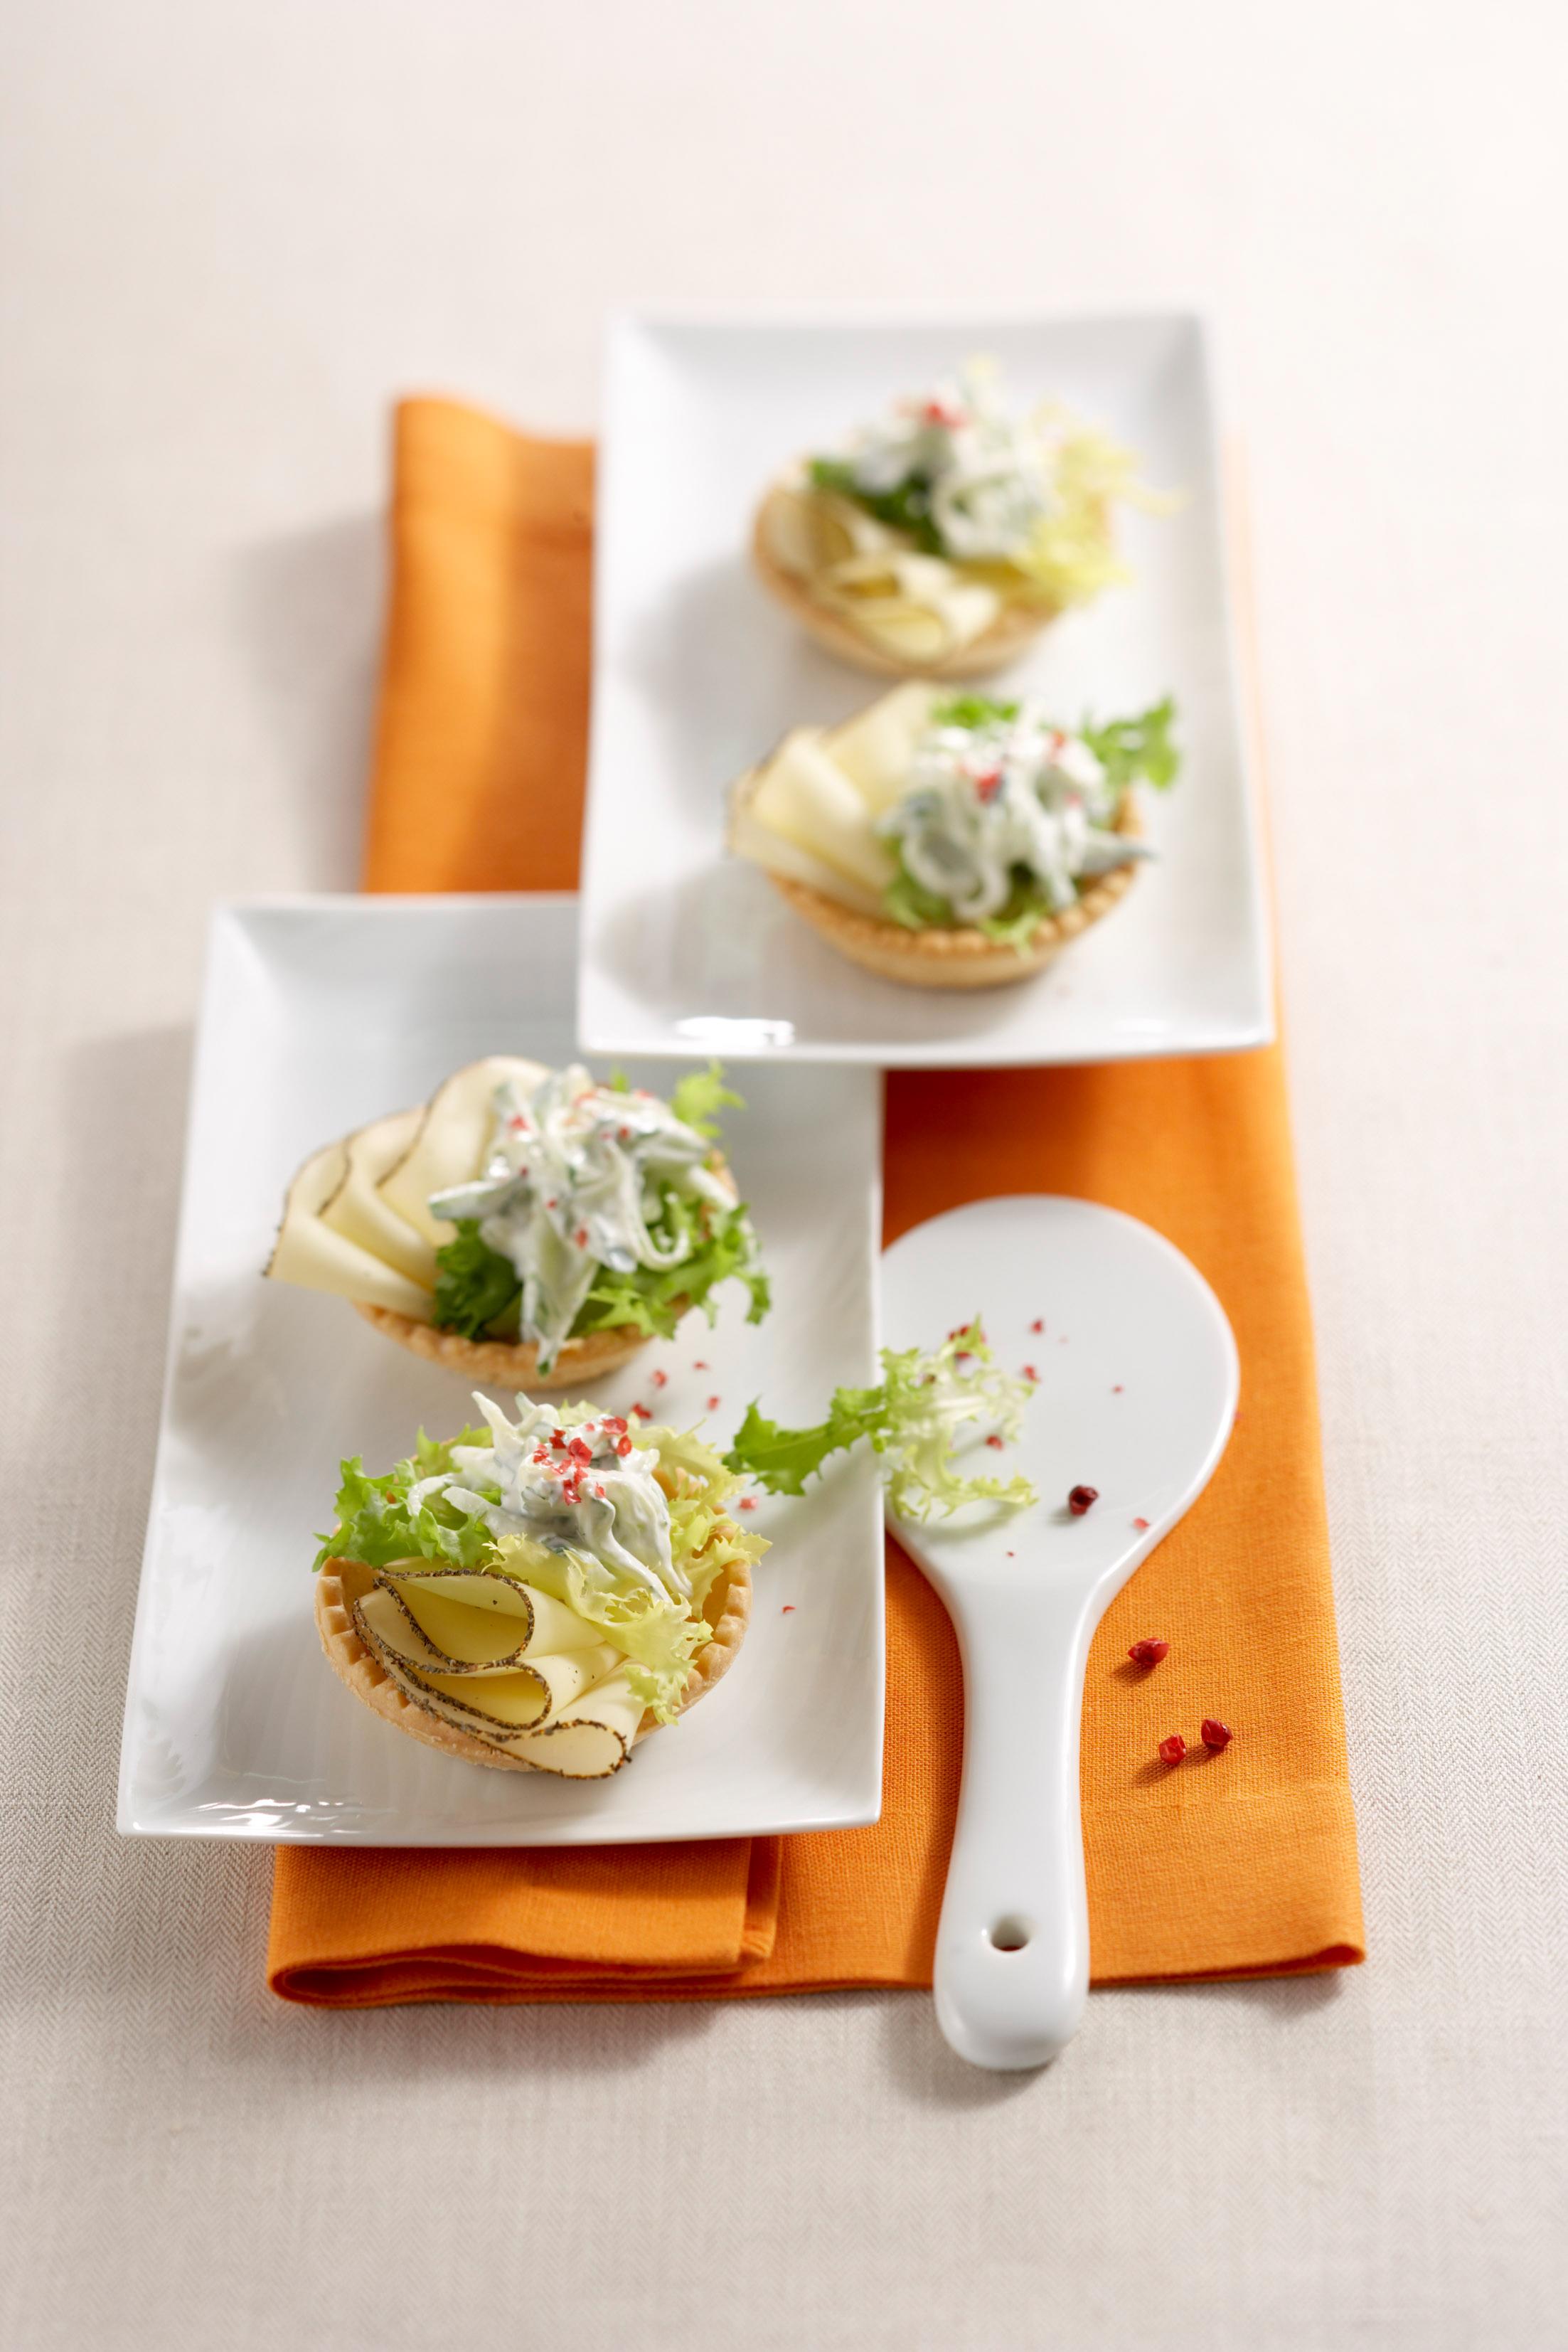 Gurken-Käse Canapés - genussvoll kochen